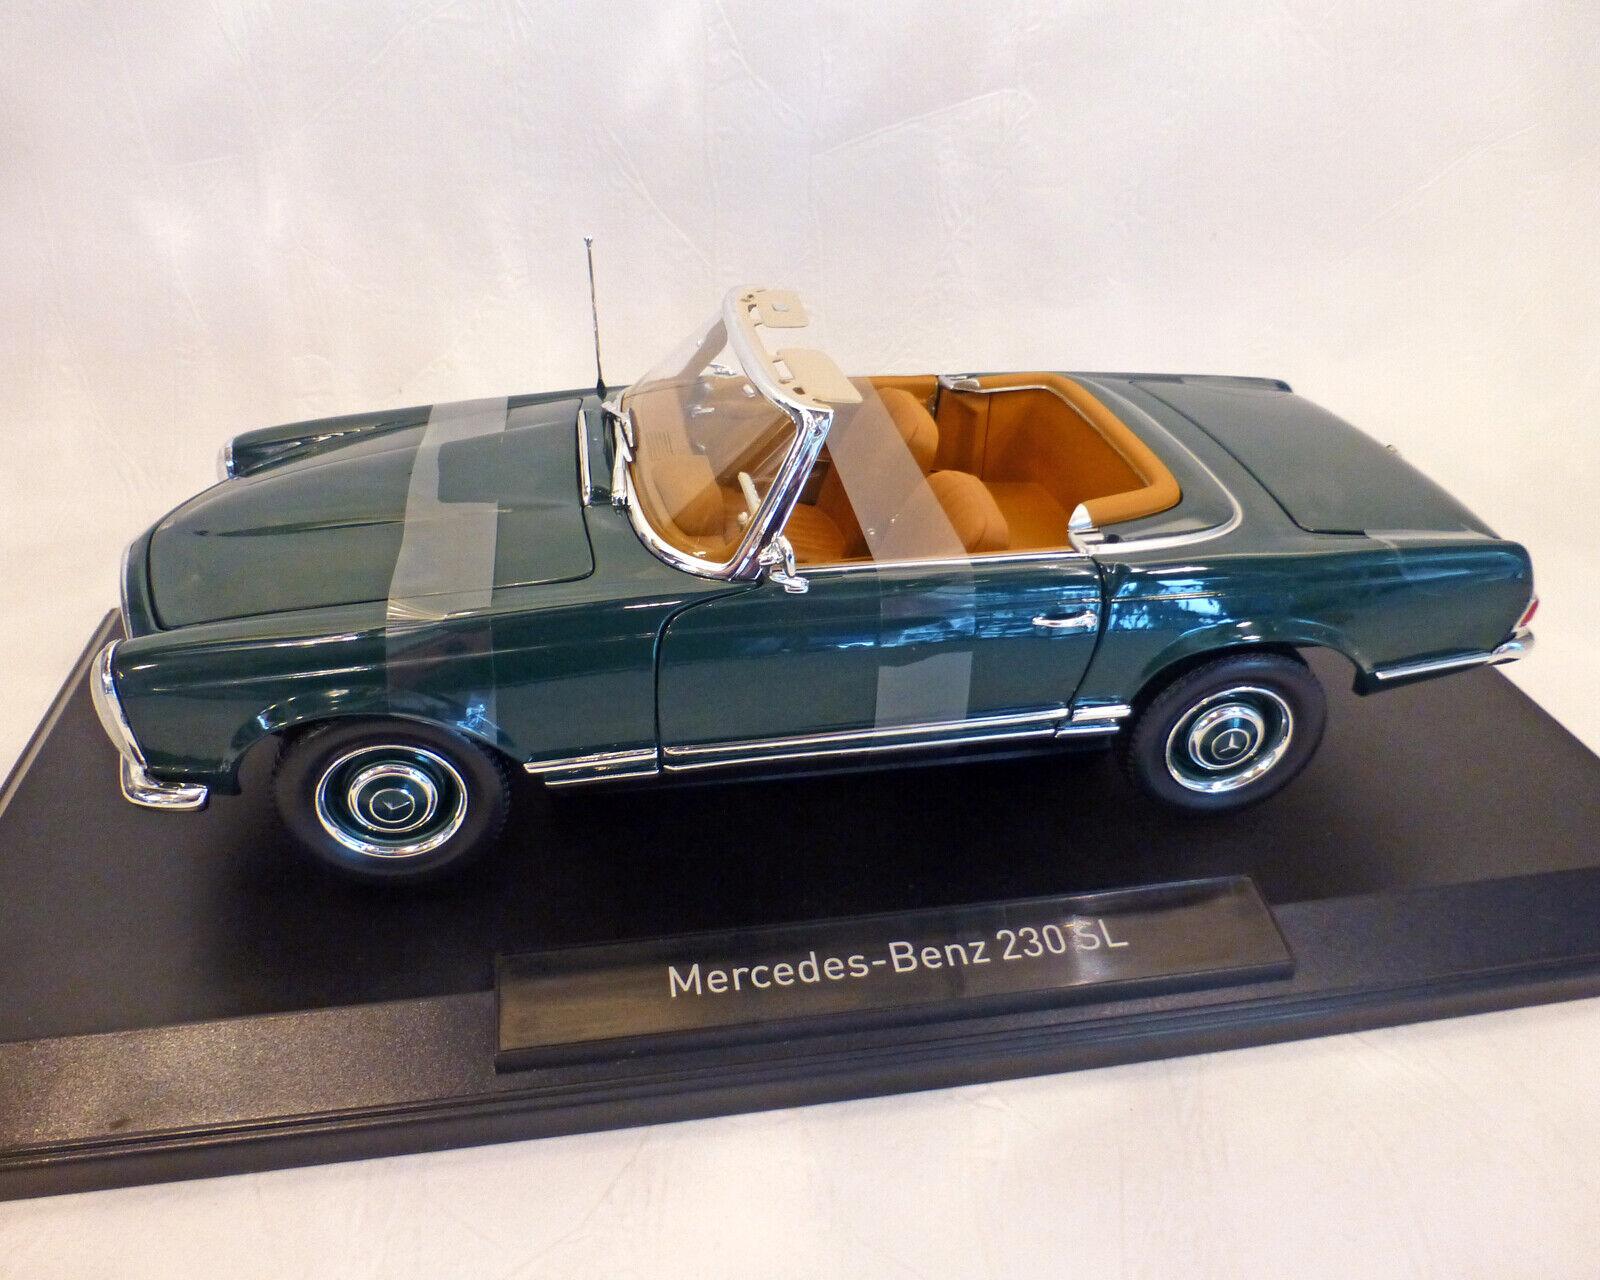 Mercedes-Benz 230 SL Dunkelgruen, 1 18 NOREV